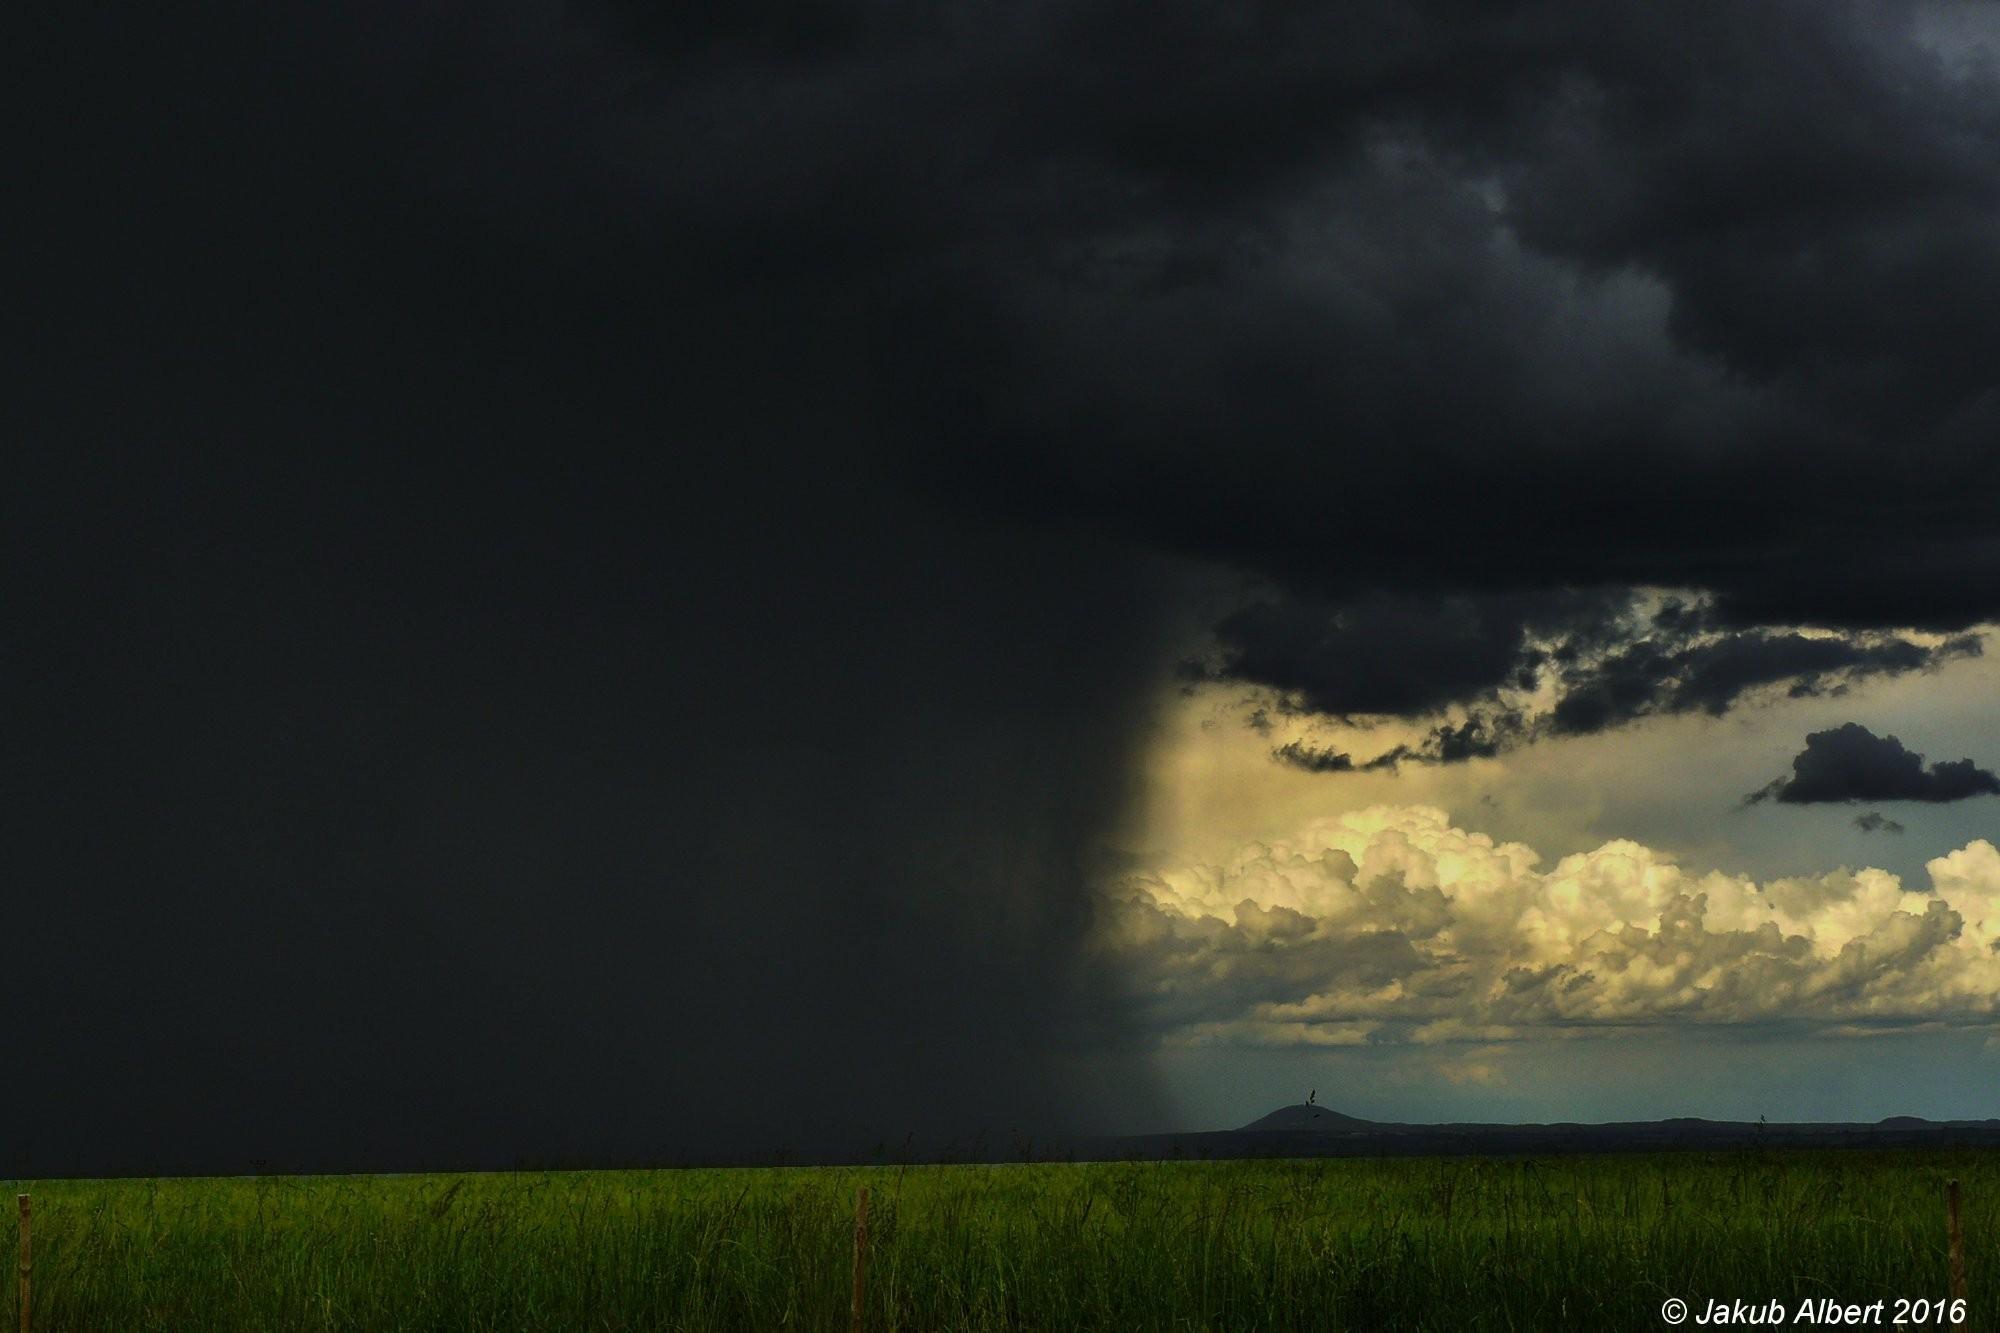 Odcházející bouřka